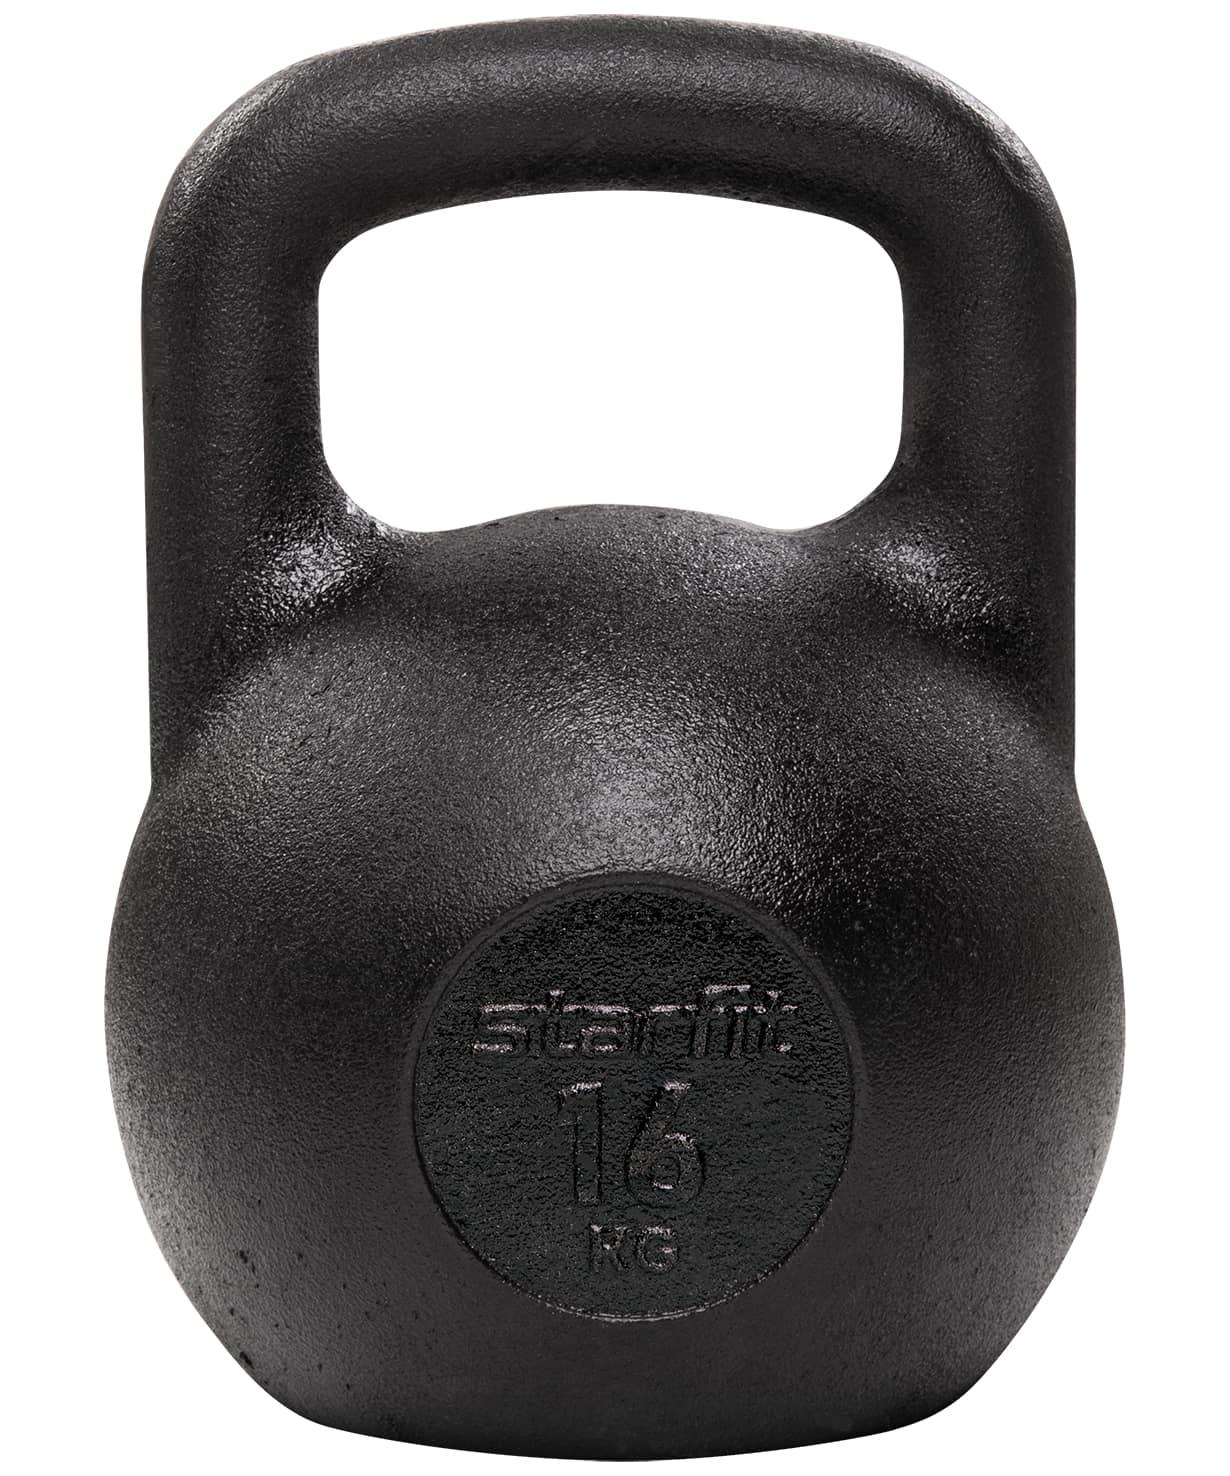 Гиря чугунная DB-602, 16 кг